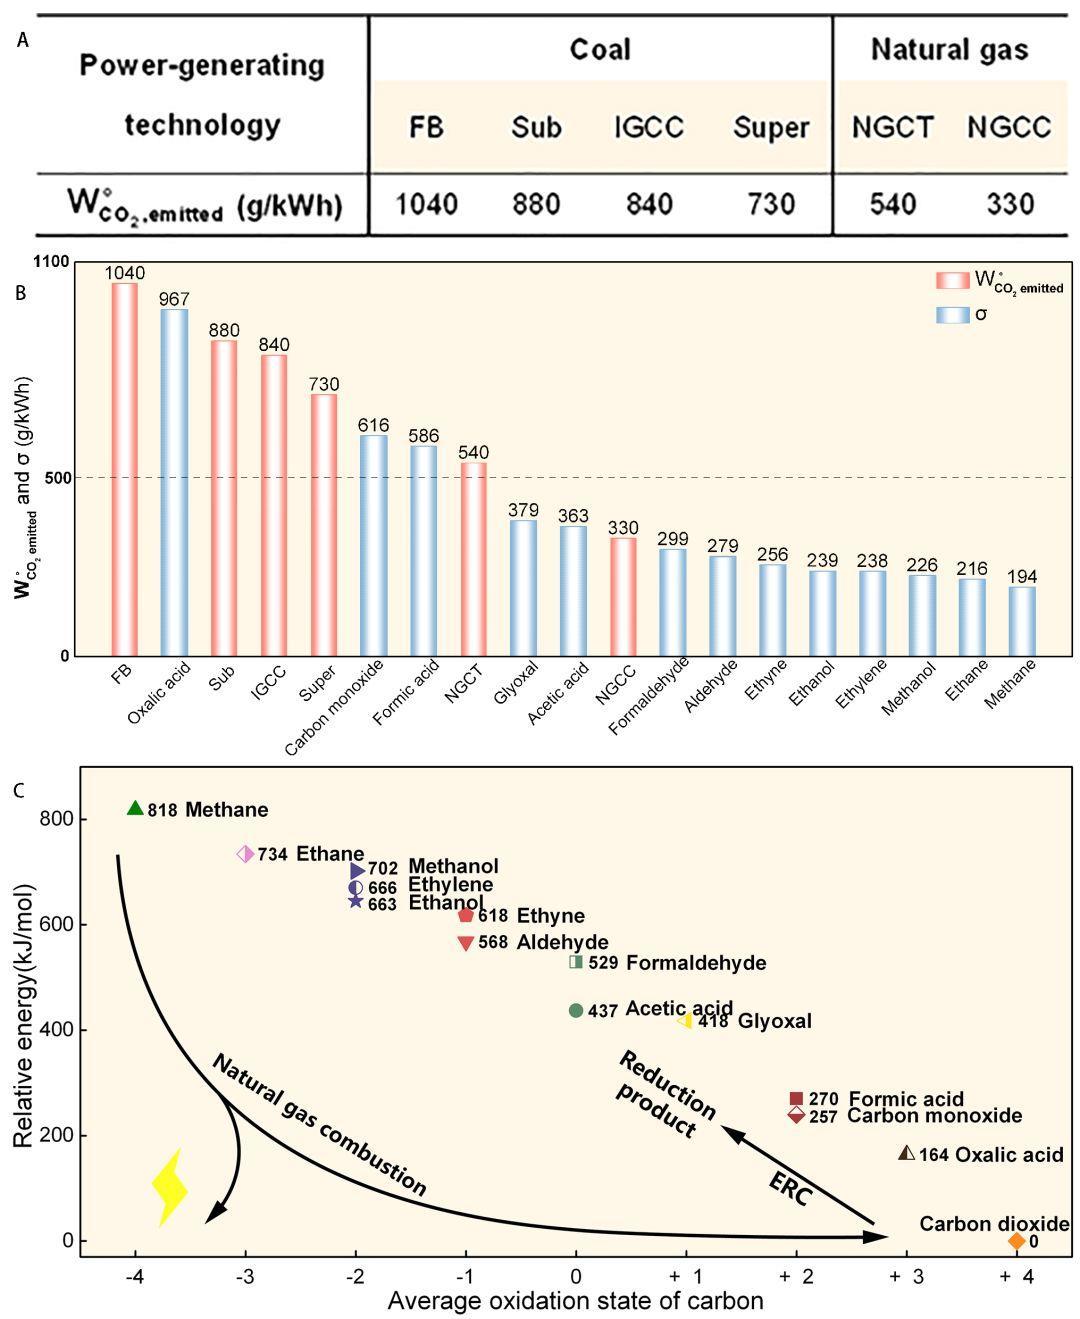 [详解]上海科技大学林柏霖组Joule:新减排理论定量揭示二氧化碳化学还原助力减排深度规律